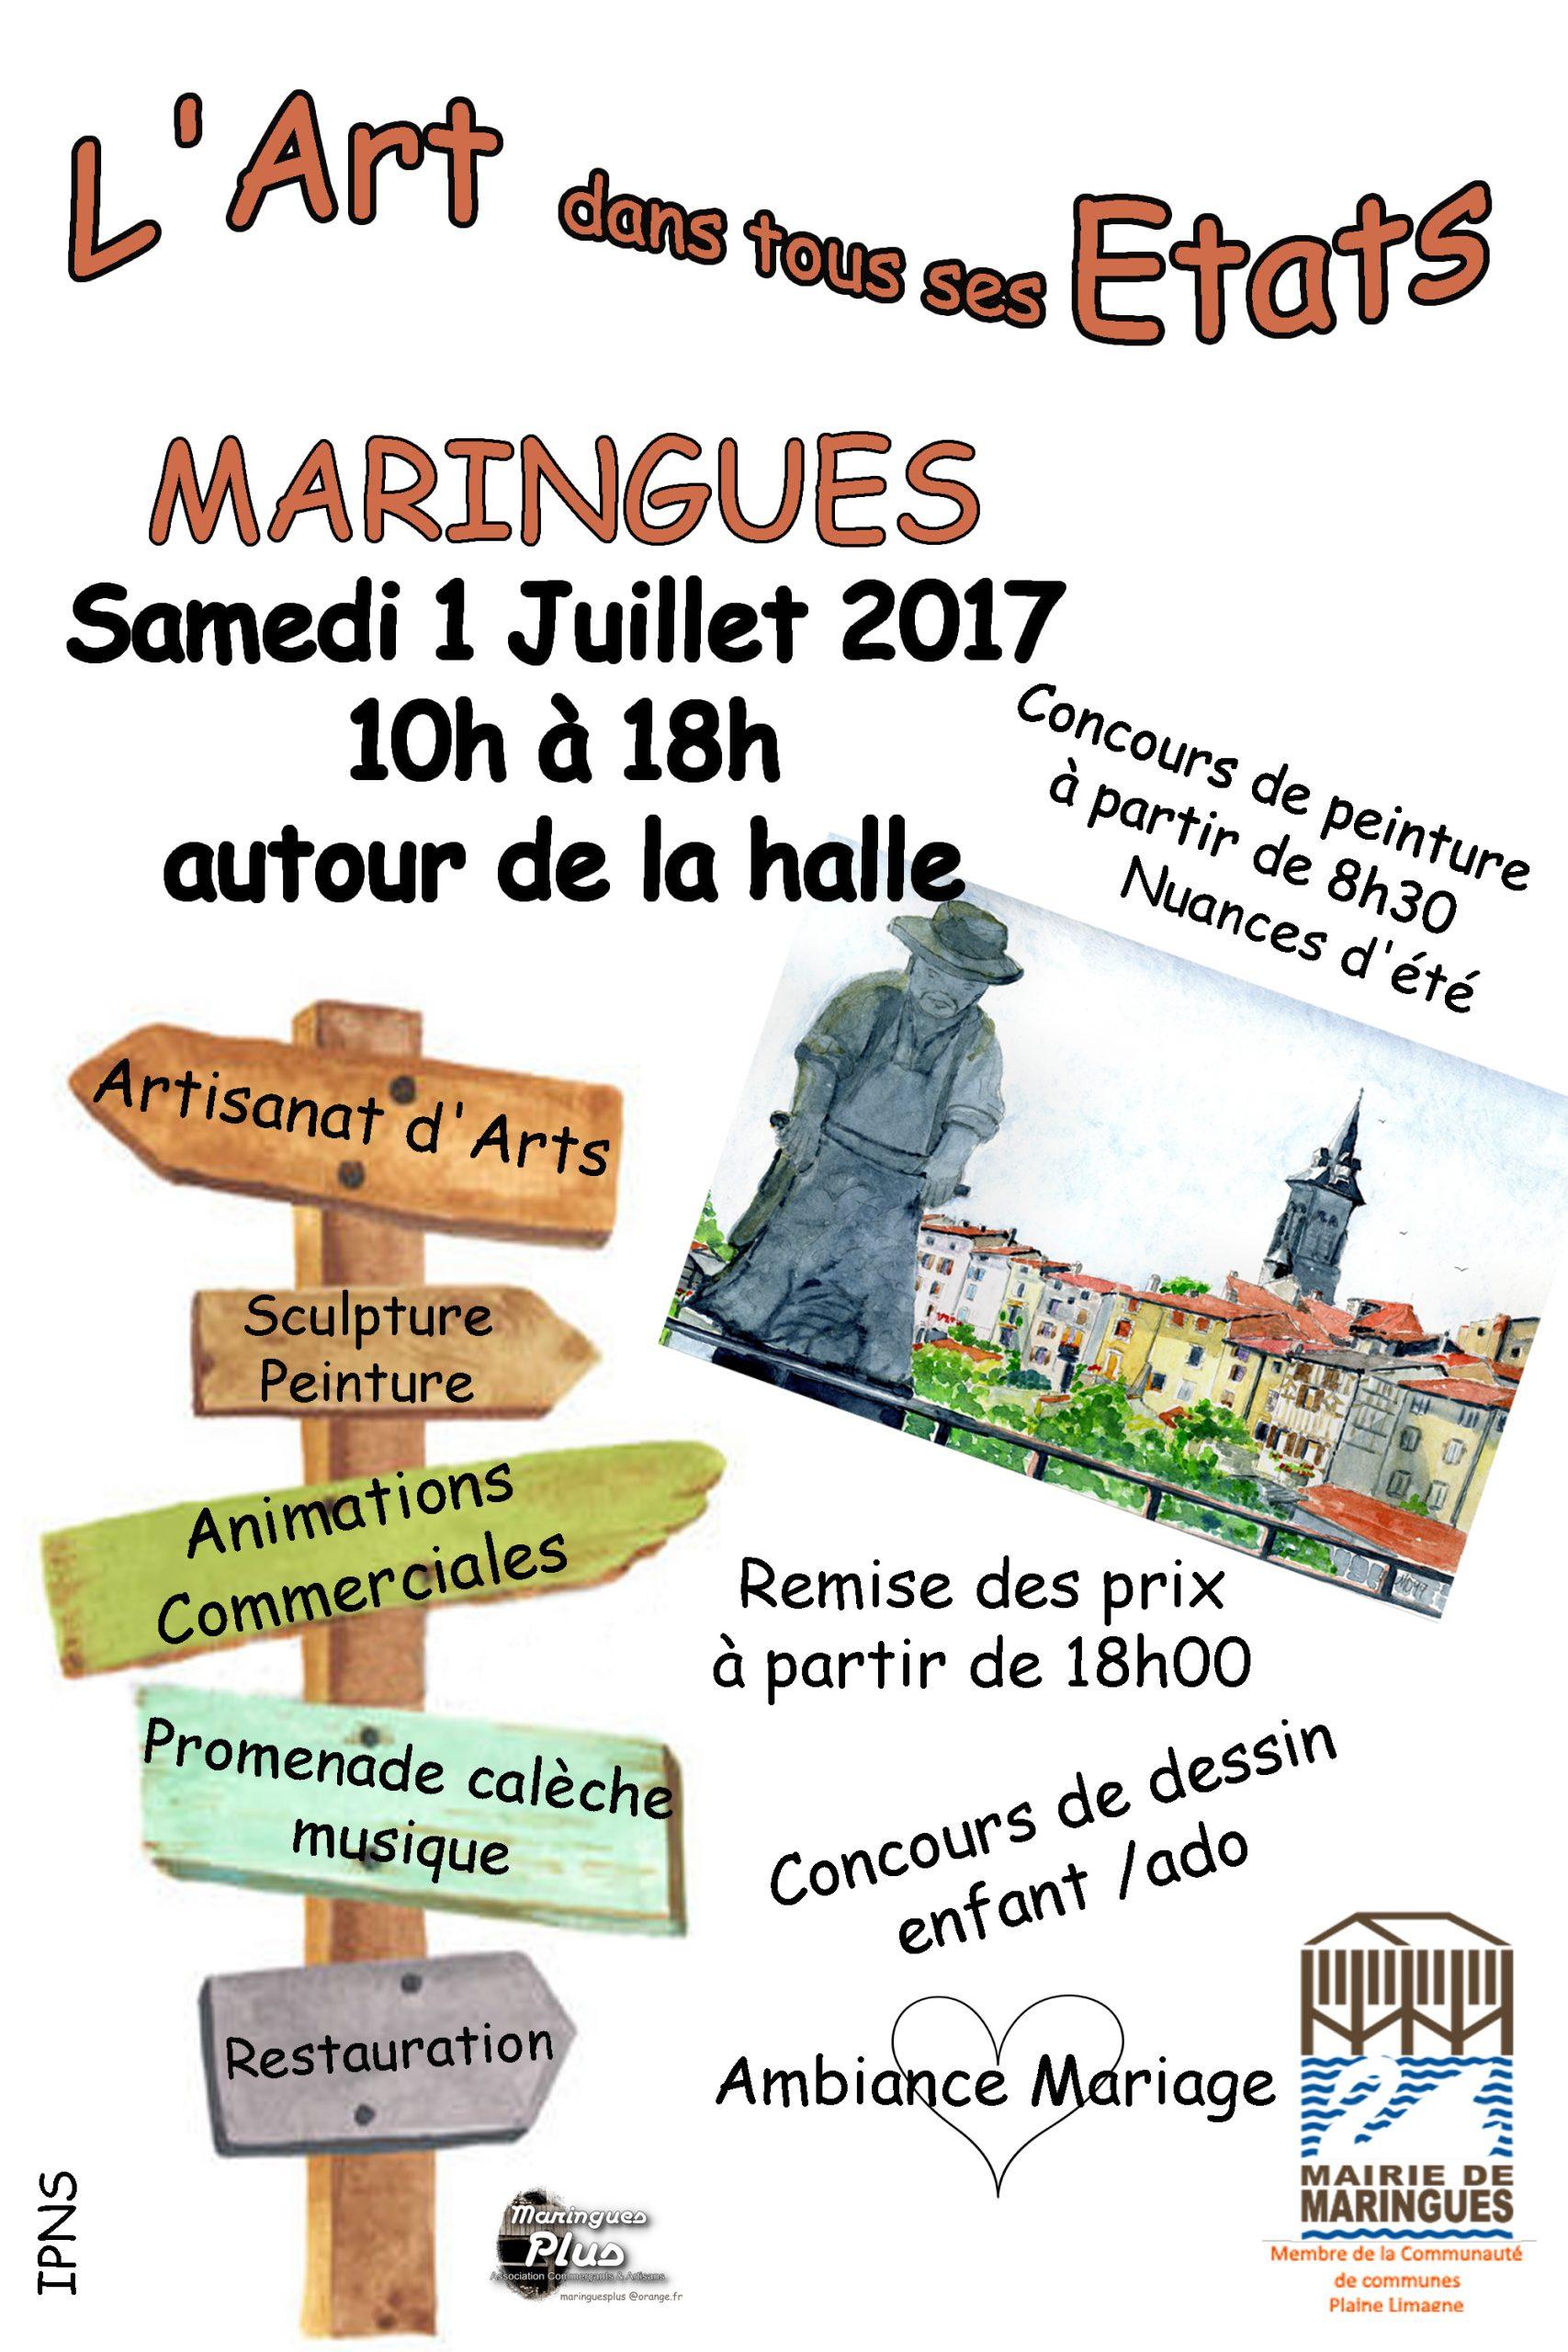 L'Art dans tous ses États samedi 1 juillet 2017 à Maringues